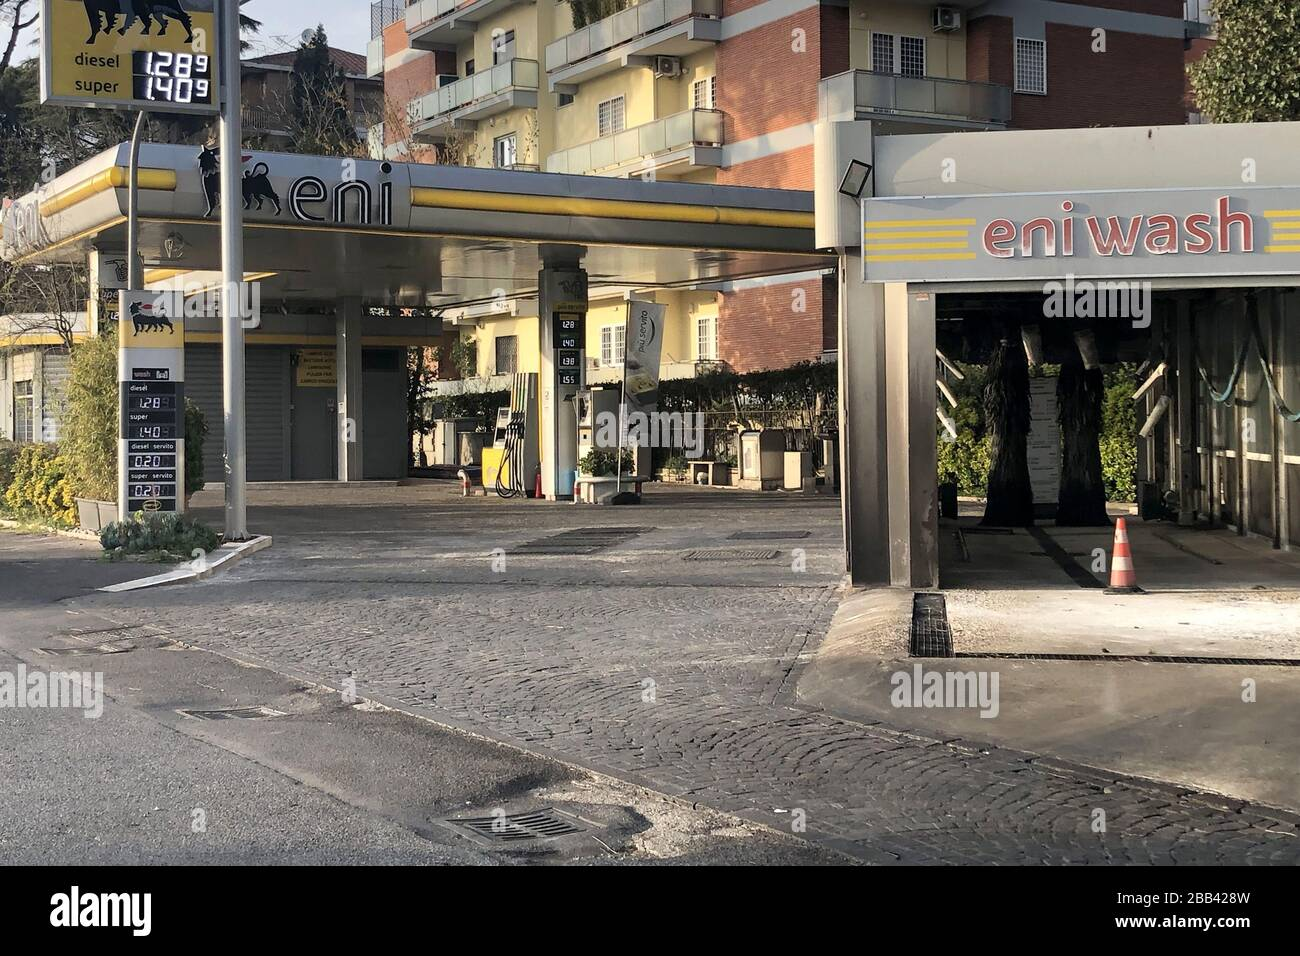 ROMA, ITALIA - 29 DE MARZO de 2020: Una vista de una calle durante la cuarentena en medio de la pandemia de COVID-19. El 8 de marzo de 2020, el gobierno italiano ordenó cerrar todos los museos, sitios arqueológicos e instituciones culturales; a partir de marzo de 12, el país está en pleno cierre con todas las tiendas, bares y restaurantes cerrados, excepto las tiendas de comestibles y farmacias. Se prohíbe caminar afuera con ciertas excepciones. Vera Shcherbakova/TASS Foto de stock